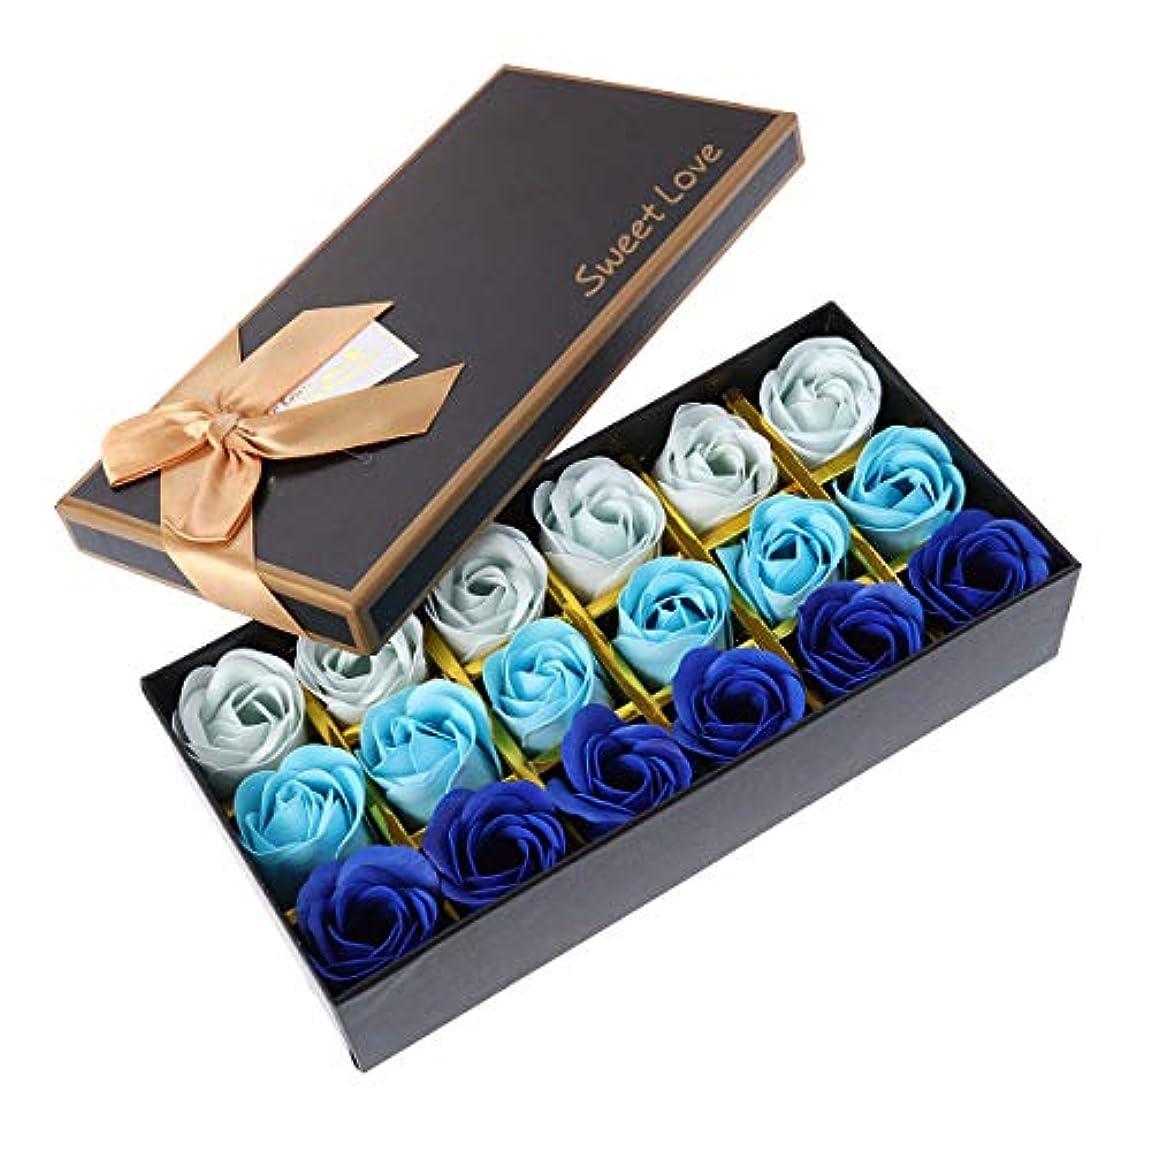 刺繍宇宙裁定Beaupretty バレンタインデーの結婚式の誕生日プレゼントのための小さなクマとバラの石鹸の花